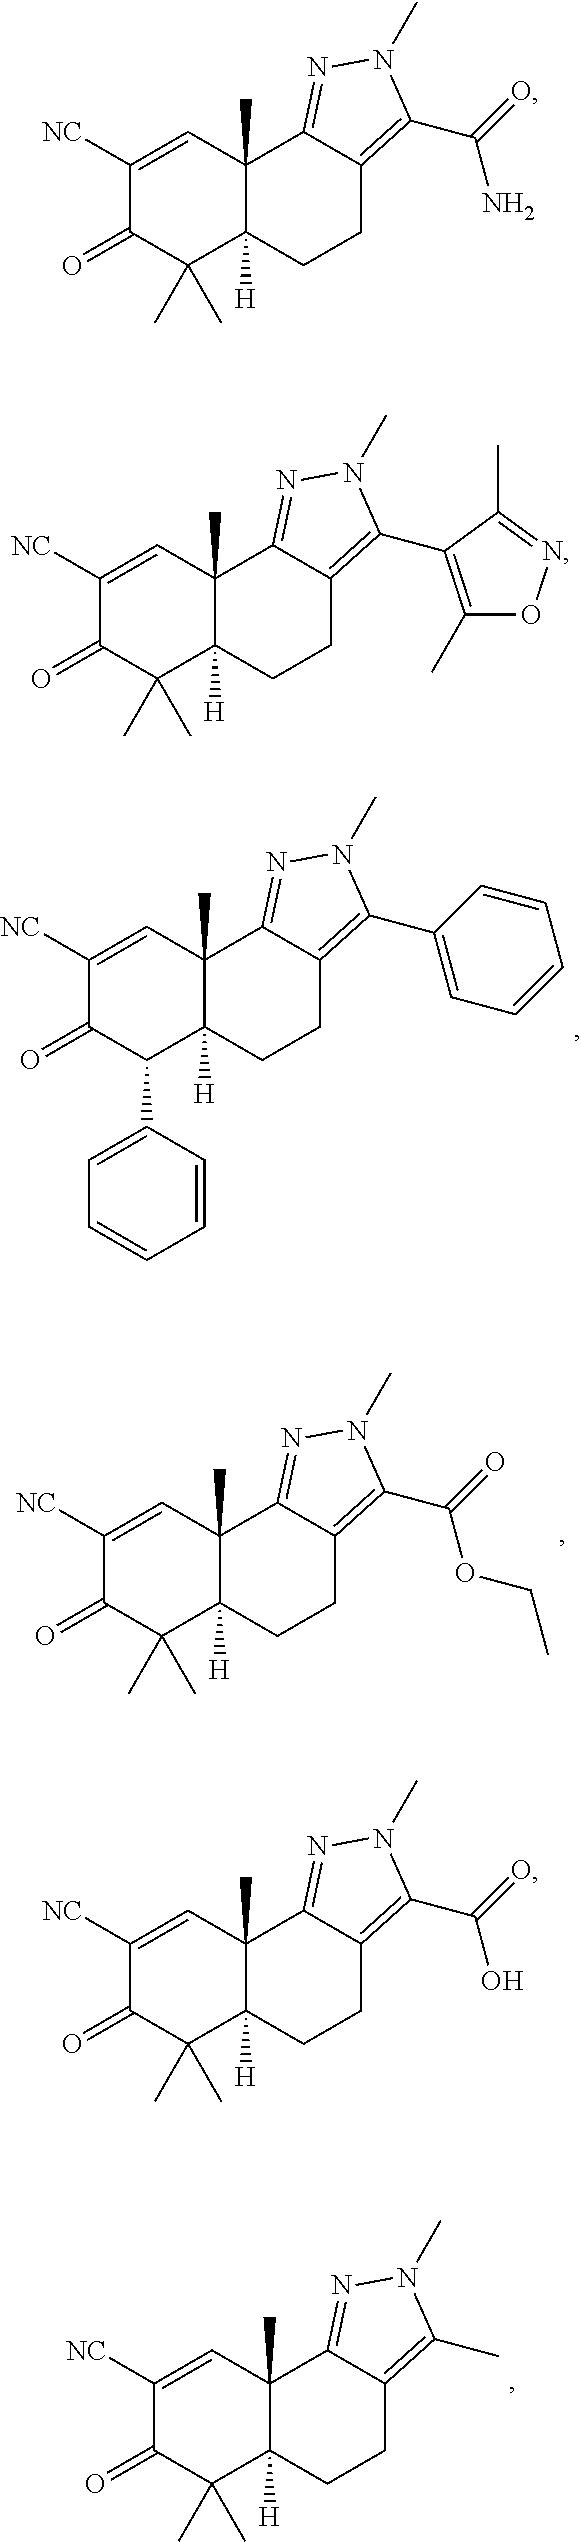 Figure US09174941-20151103-C00018